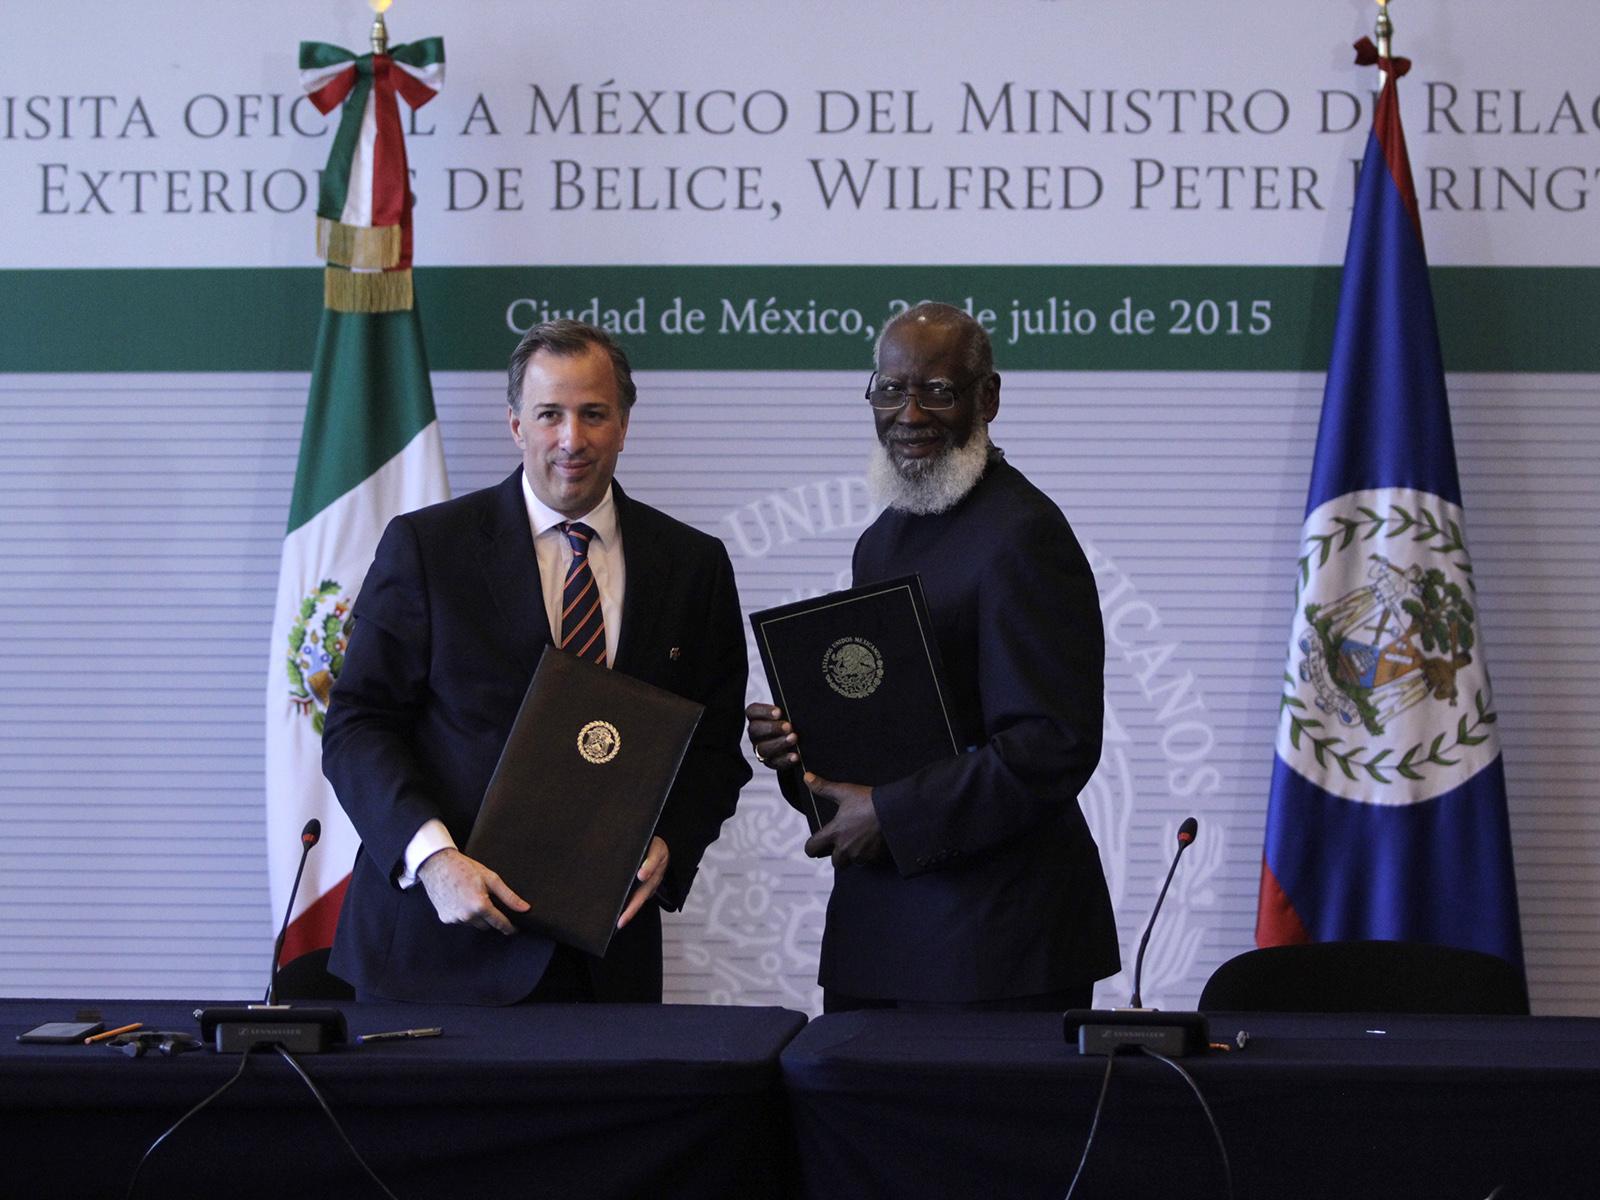 FOTO 1 Canciller Jos  Antonio Meade con el ministro de Asuntos Exteriores de Belice  Wilfred Peter Elrington.jpg